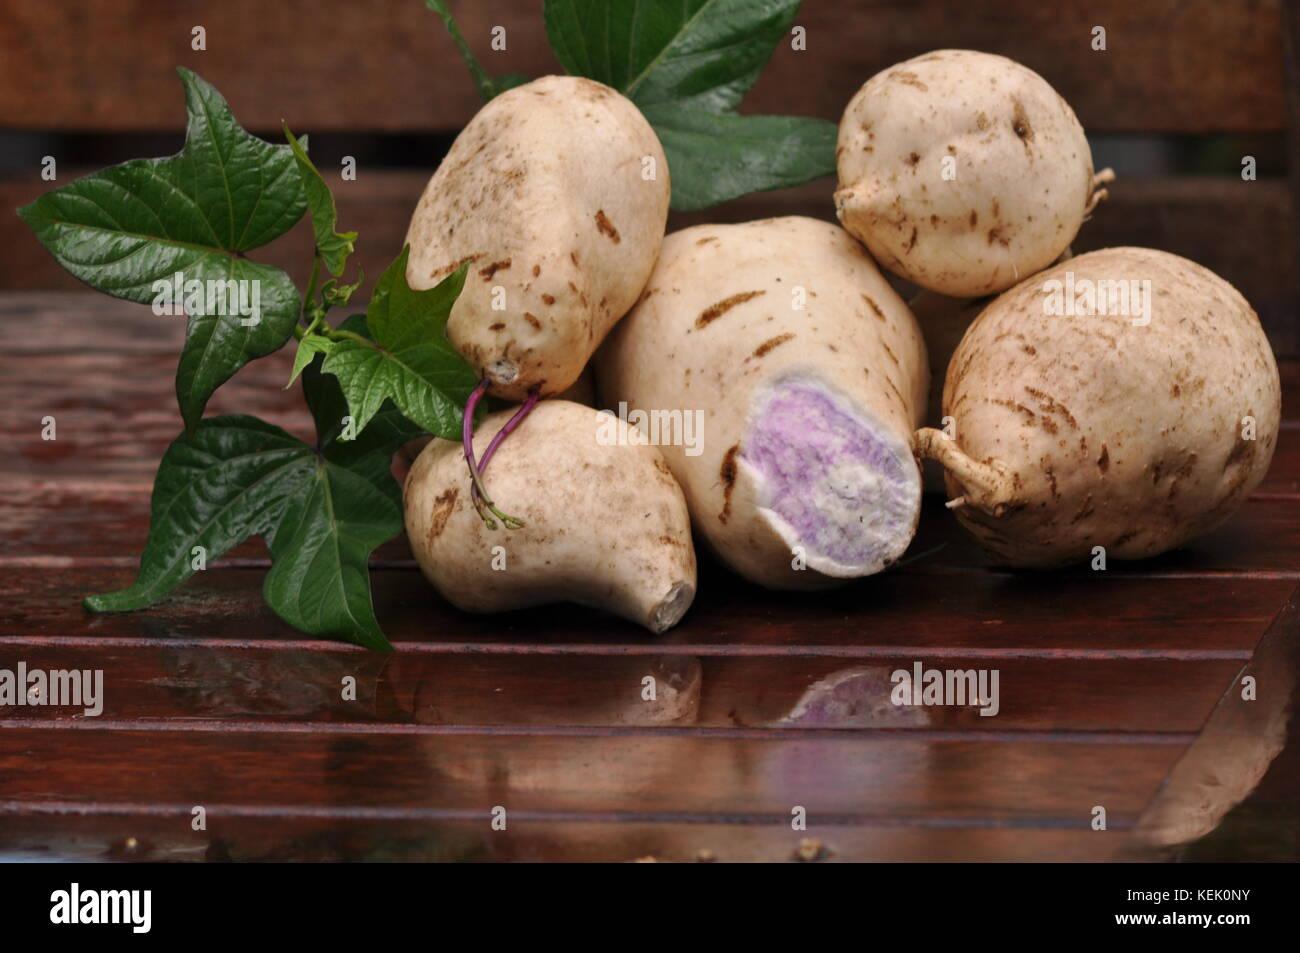 Sweet potato (Ipomoea batatas), variety 'Hawaiian Sunshine', Townsville, Queensland, Australia - Stock Image